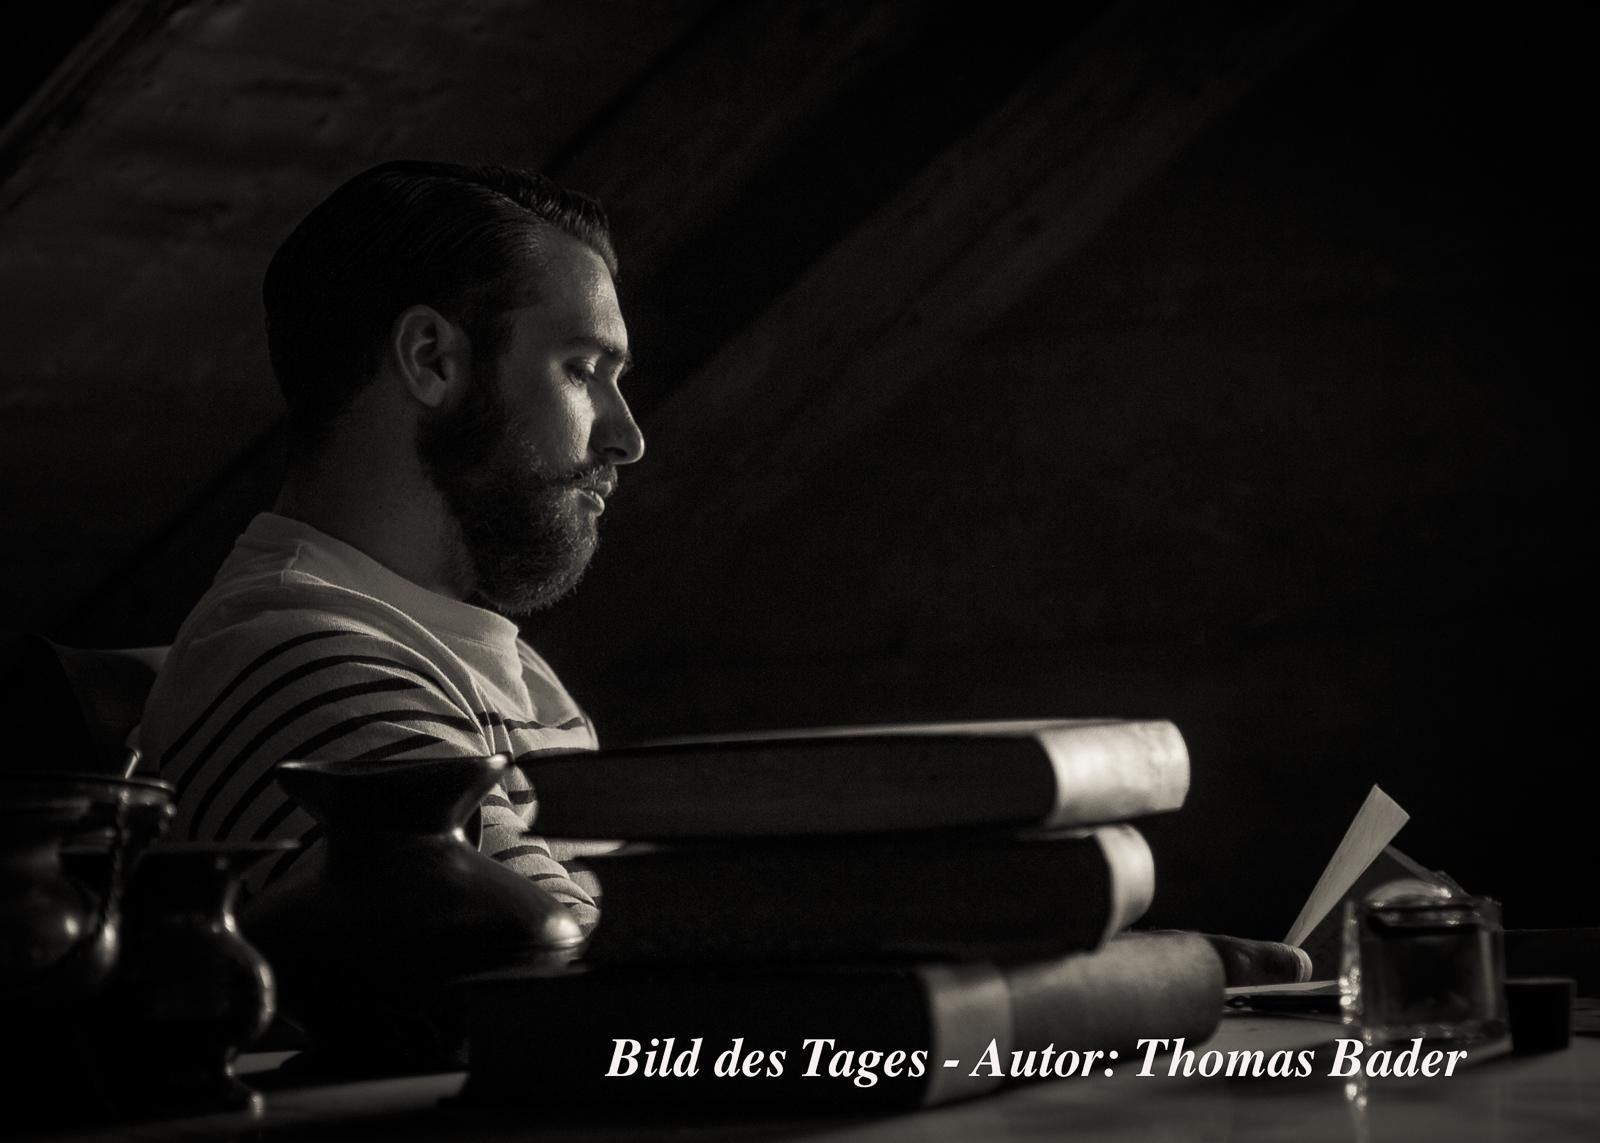 Thomas Bader